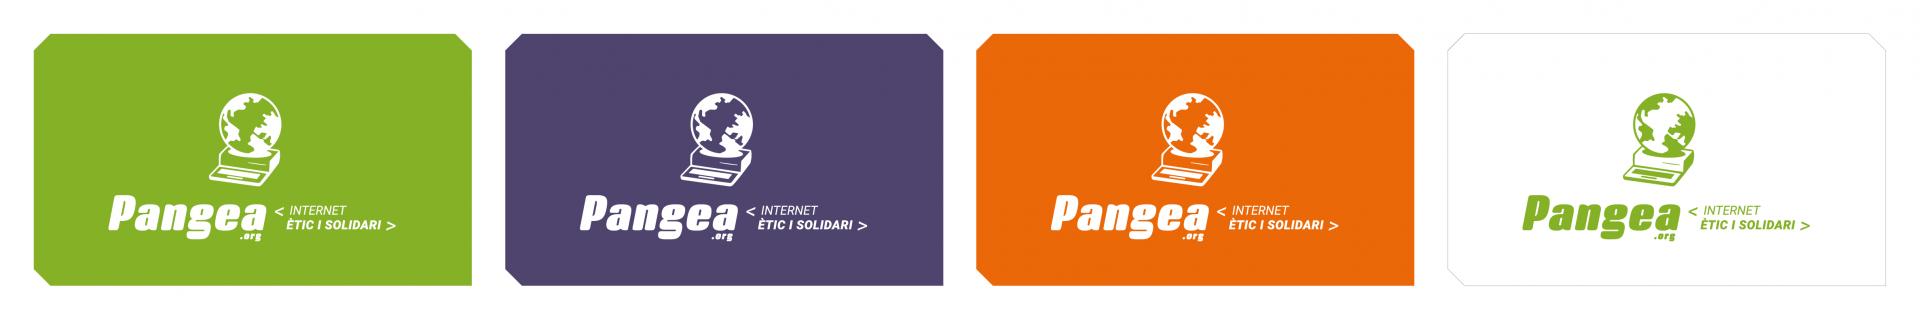 Els colors escollits són inspirats en els anomenats colors per a l'emancipació